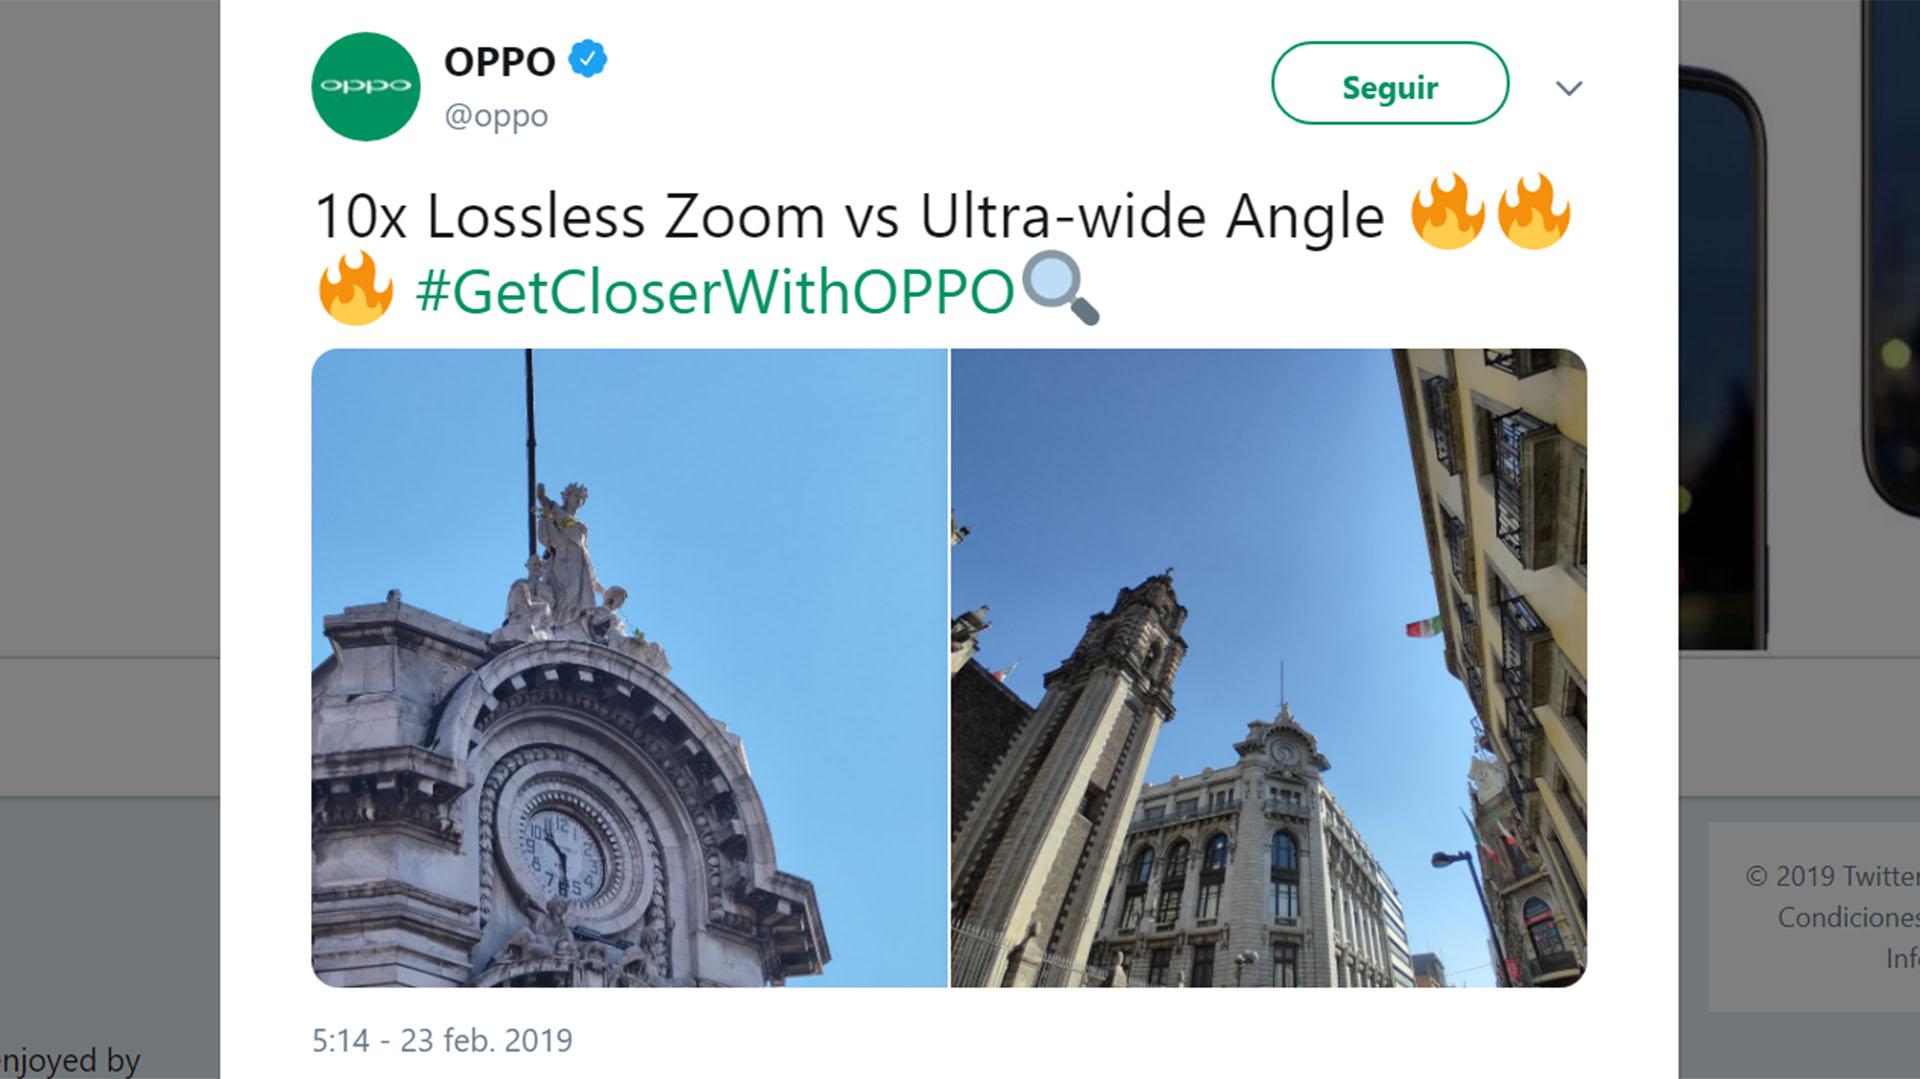 Durante la presentación, Oppo demostró las bondades de la nueva tecnología con fotos tomadas en Barcelona, en la Sagrada Familia,